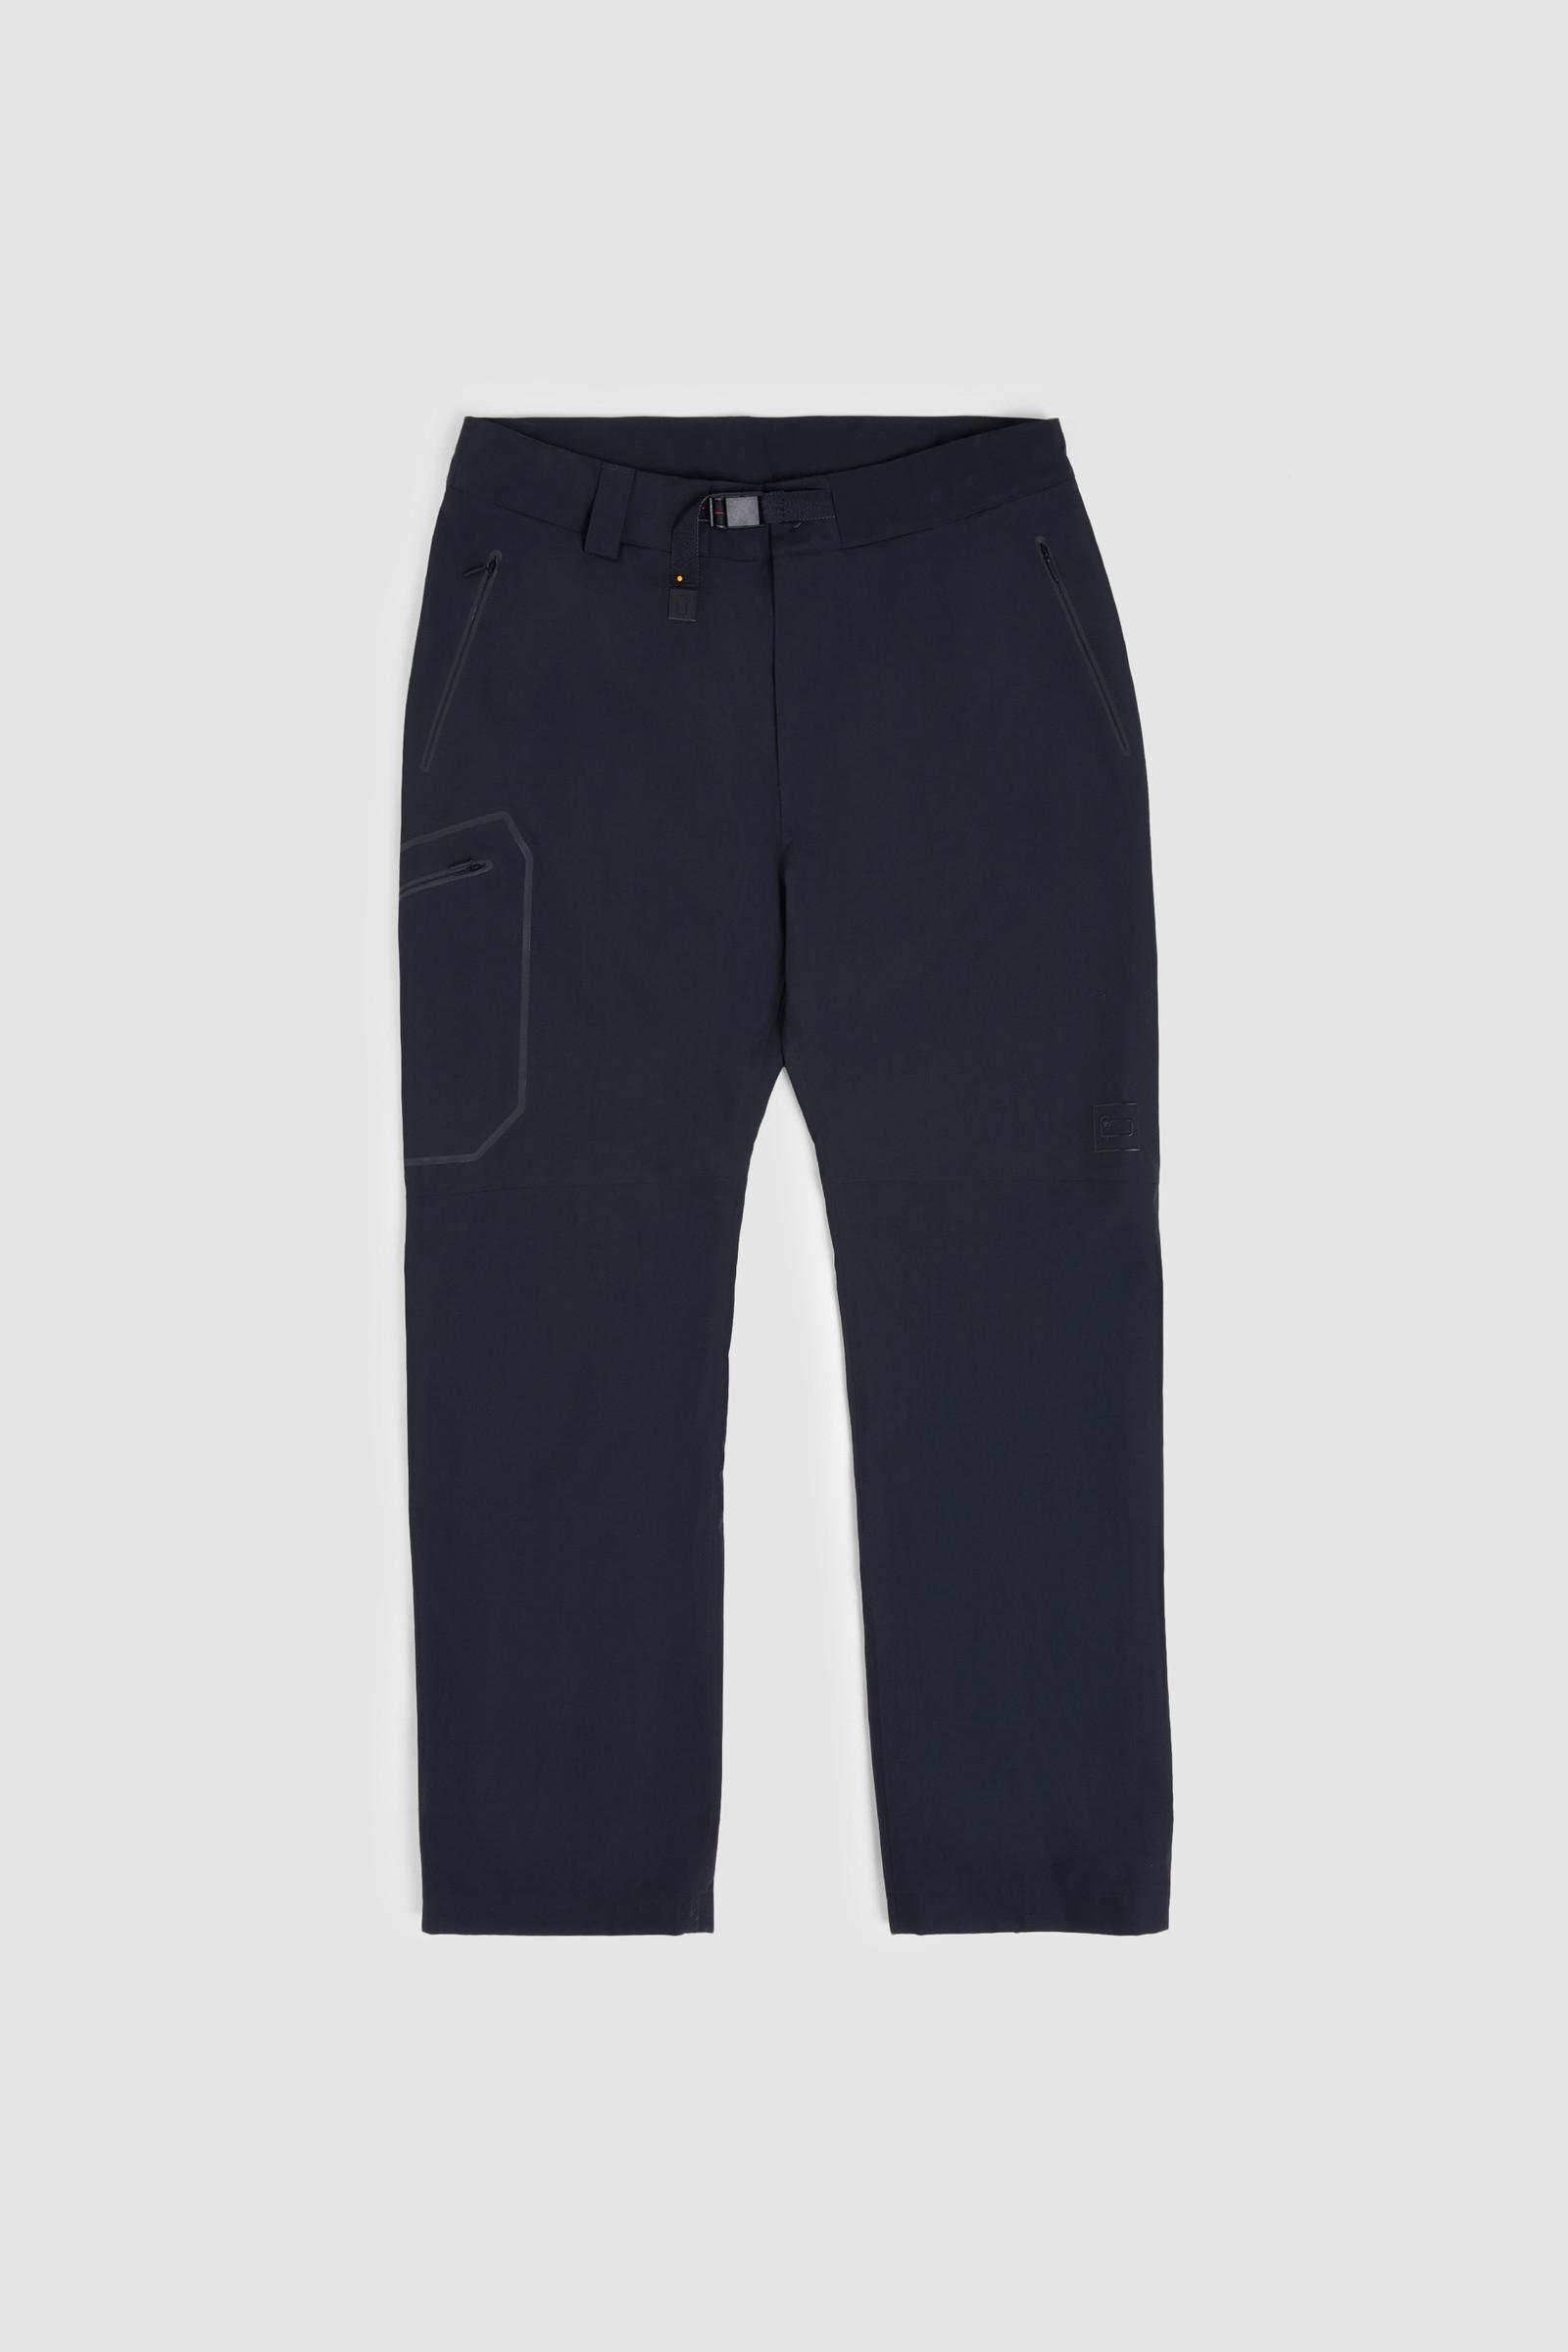 Winter Trail GORE-TEX Tech Pants